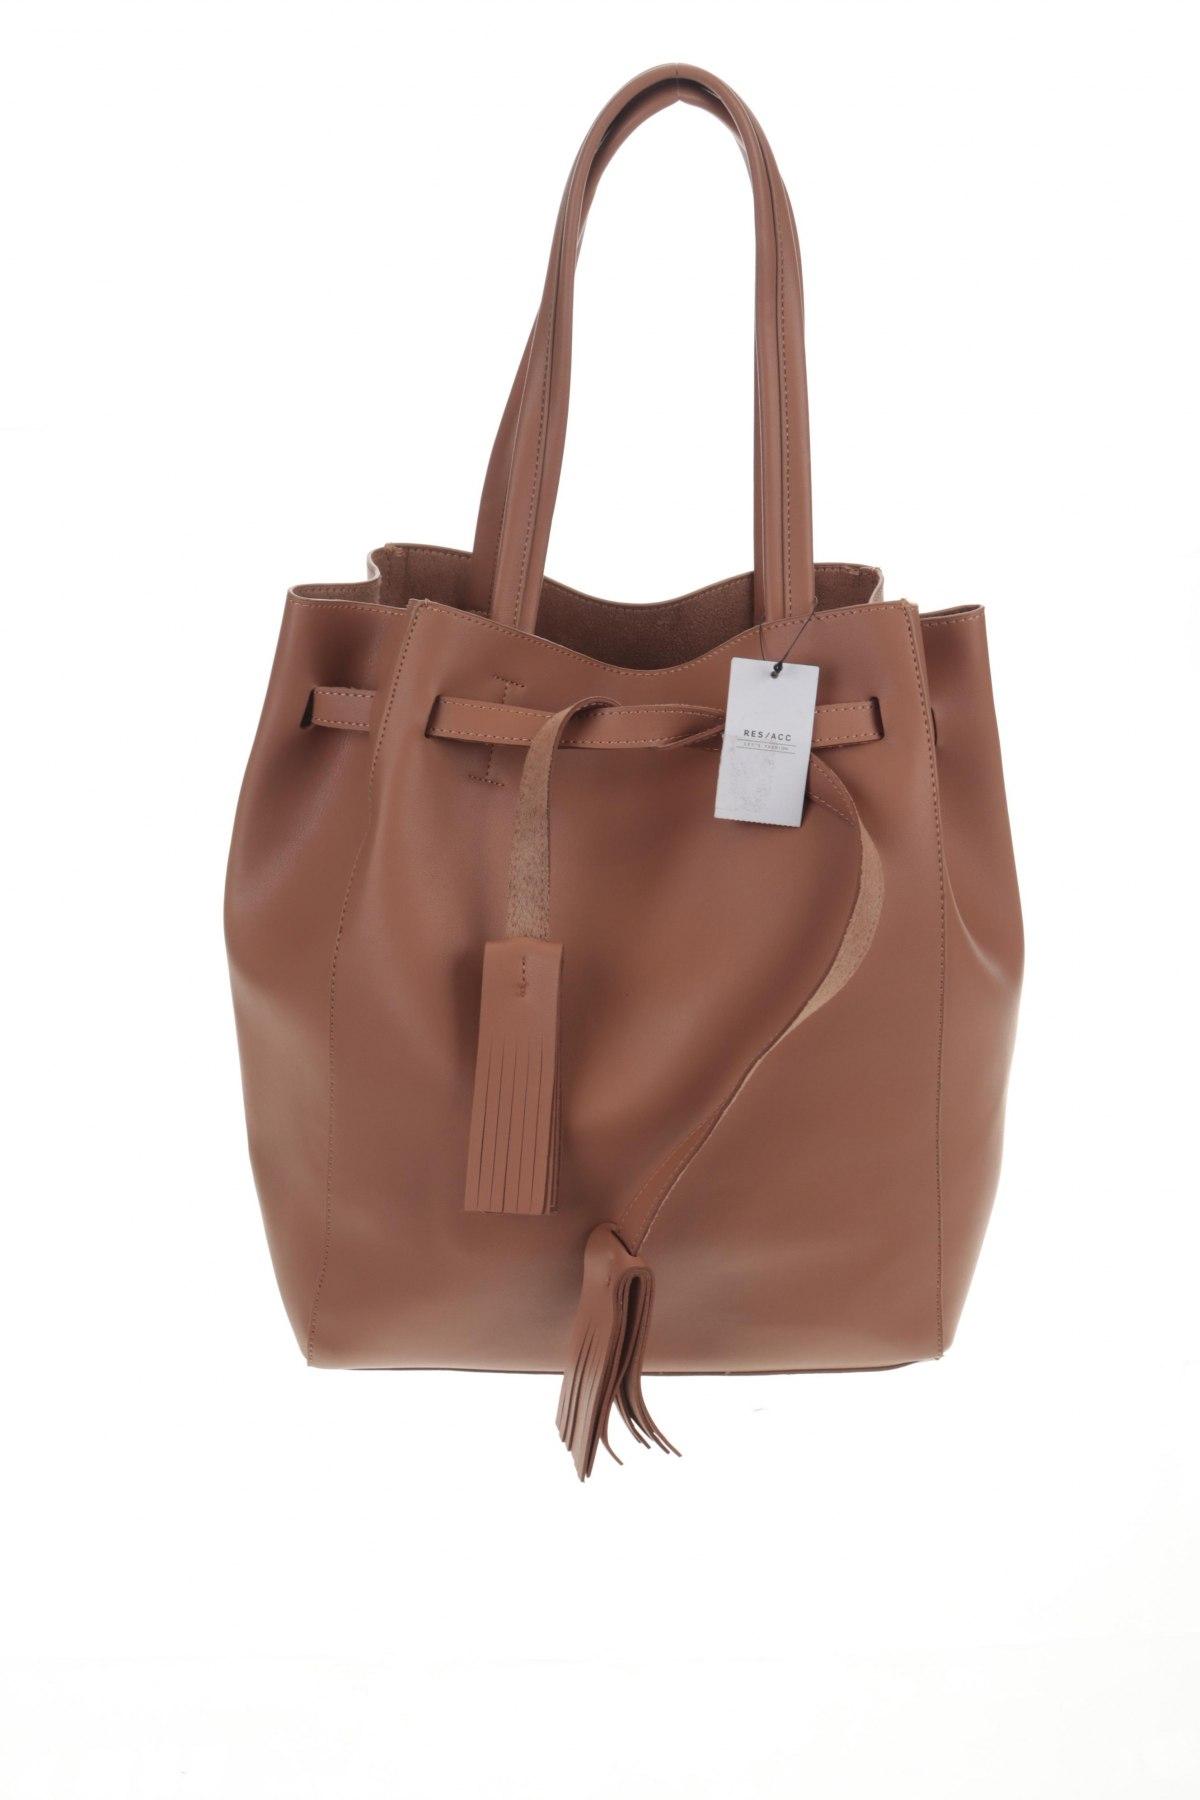 Дамска чанта Reserved, Цвят Кафяв, Еко кожа, Цена 34,22лв.